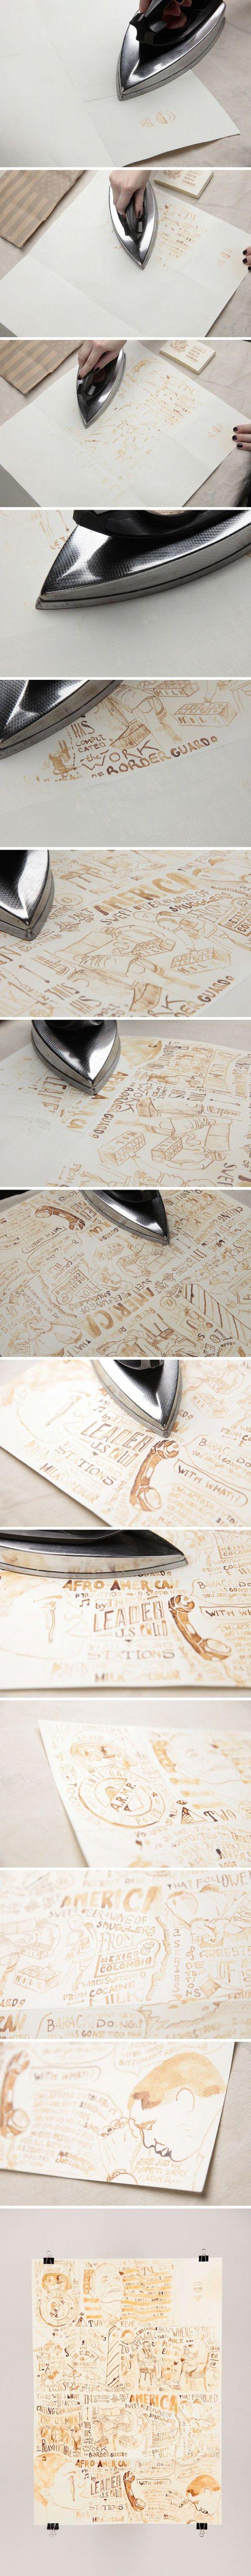 Dit is wel heel gaaf, met melk op papier tekenen, 30 min laten drogen en dan strijken